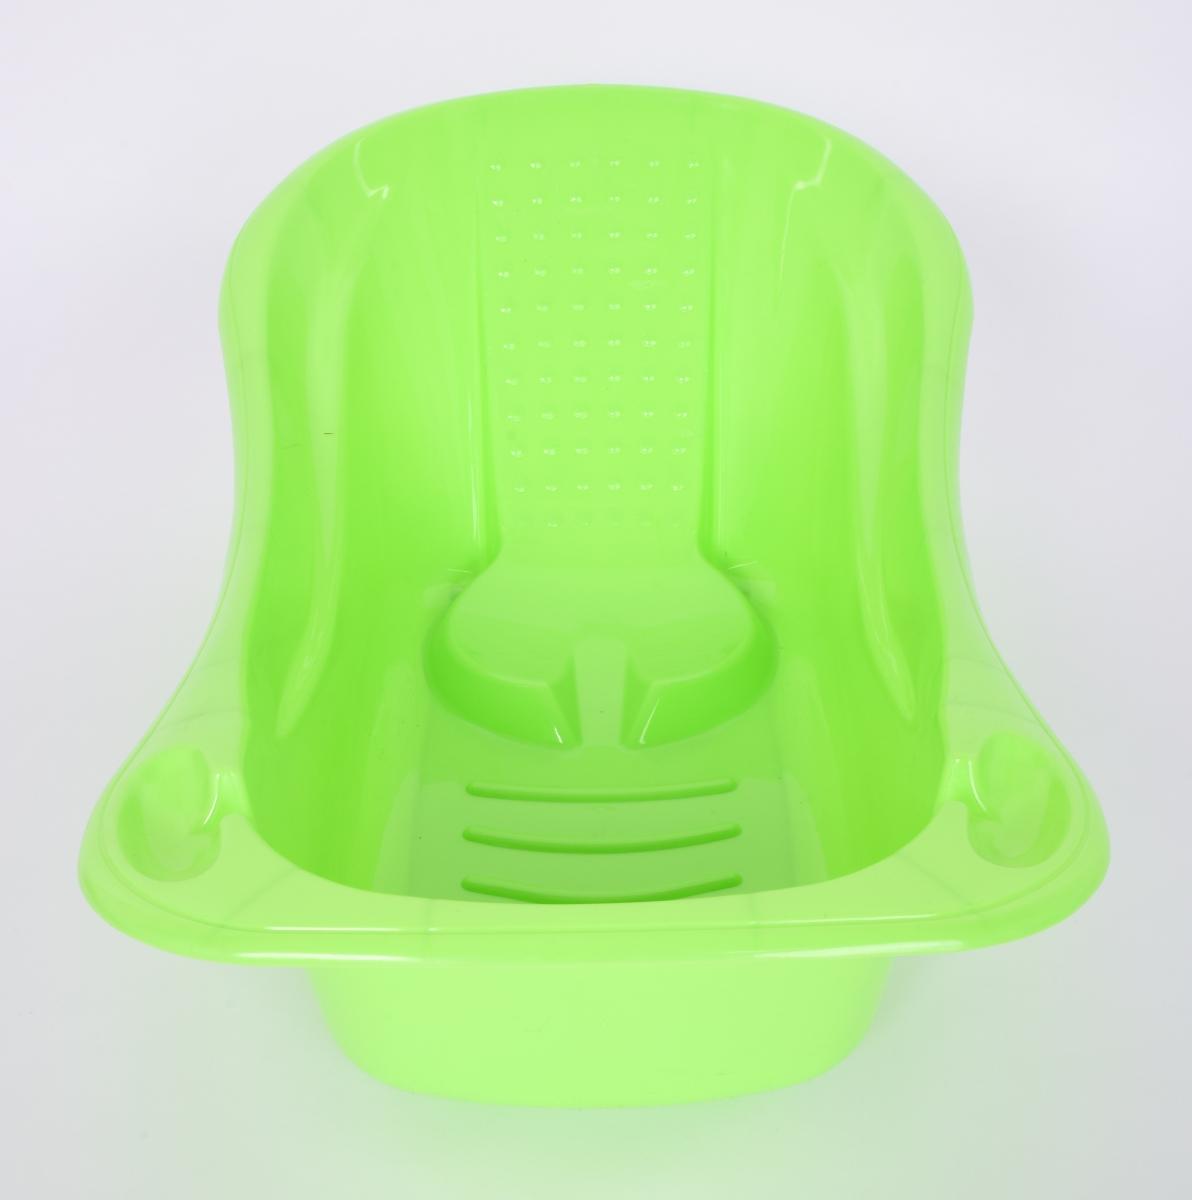 DA21411-Detská vanička anatomicky tvarovaná zelená